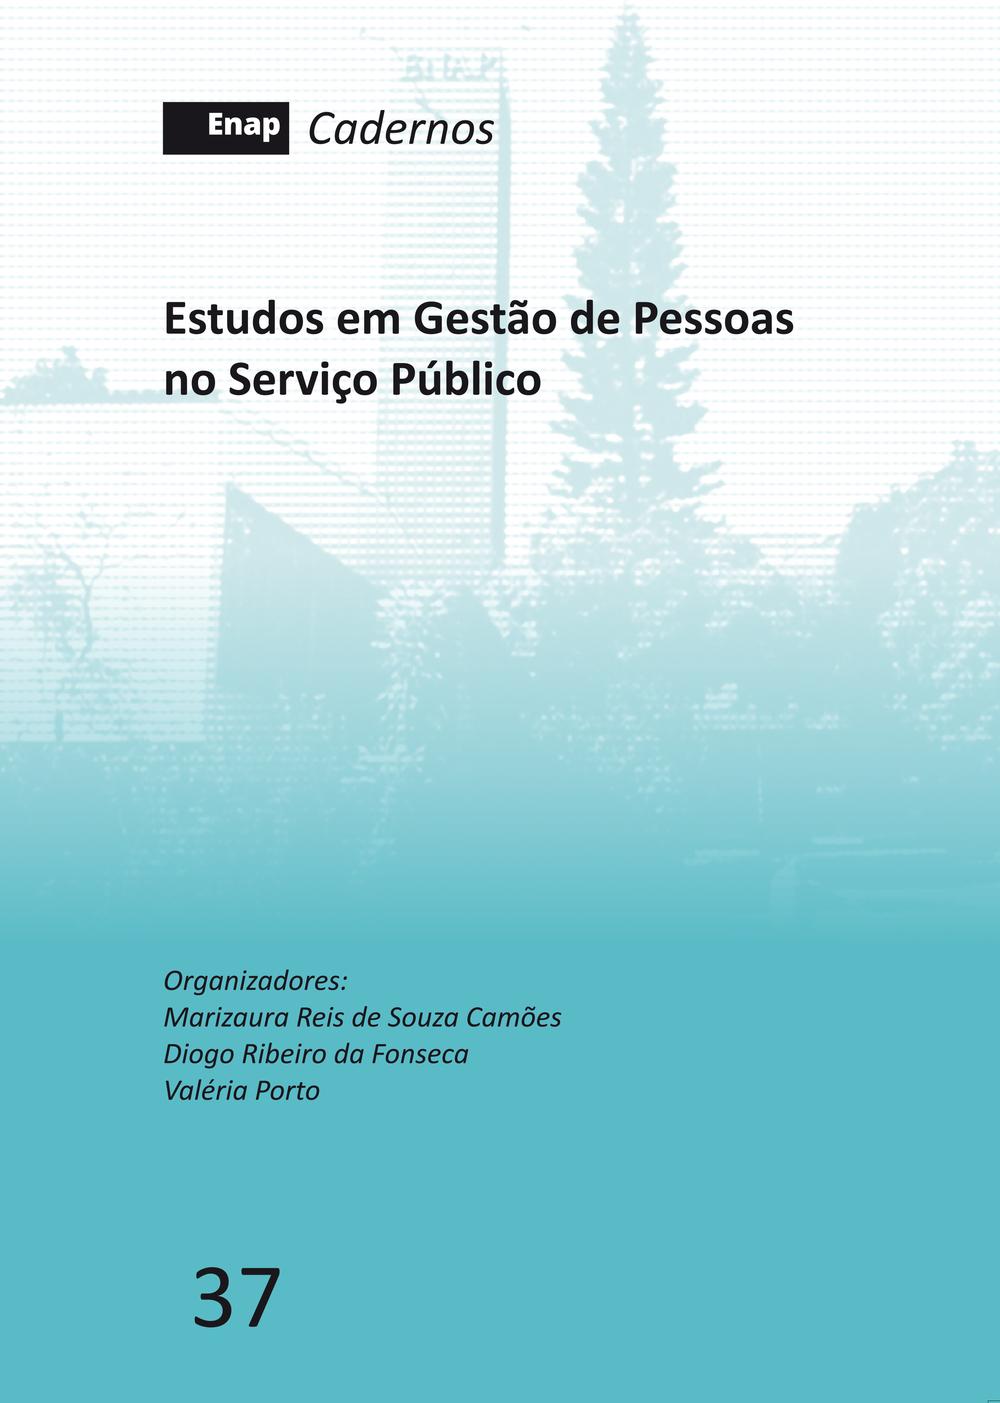 Imagem: ENAP / Divulgação